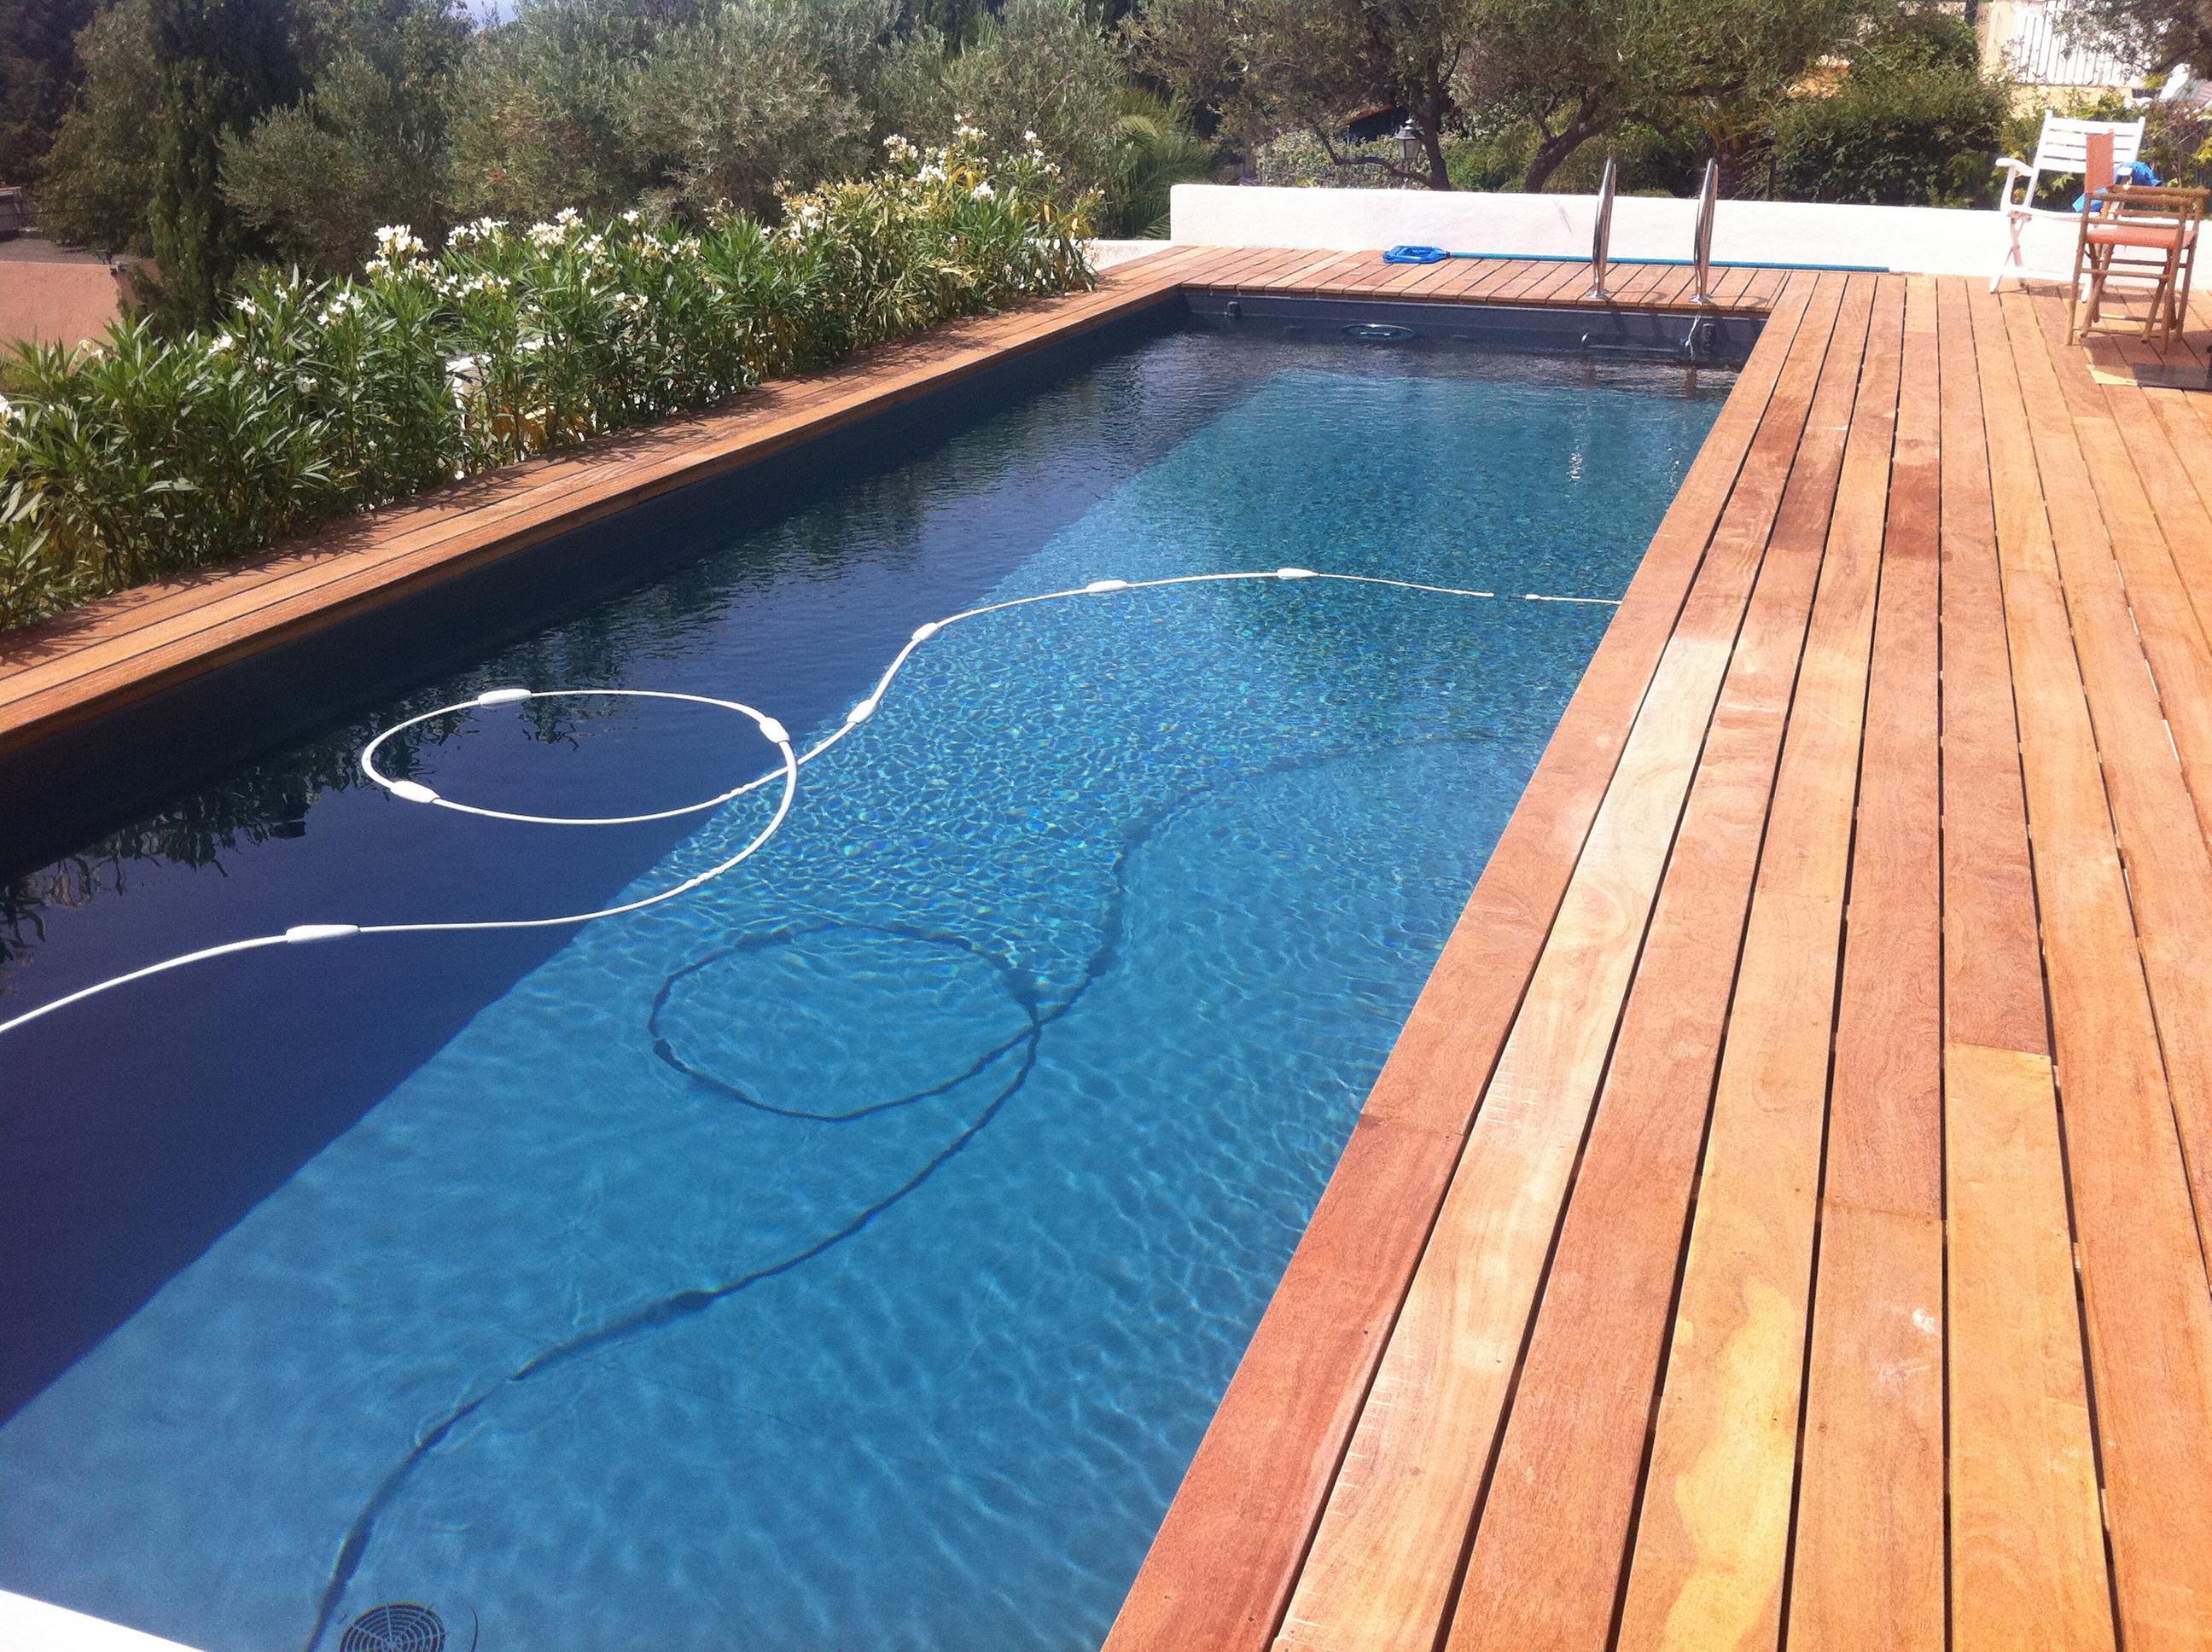 Le pvc arm ou membrane arm e le liner ou pvc arm piscine - Prix pvc arme piscine ...